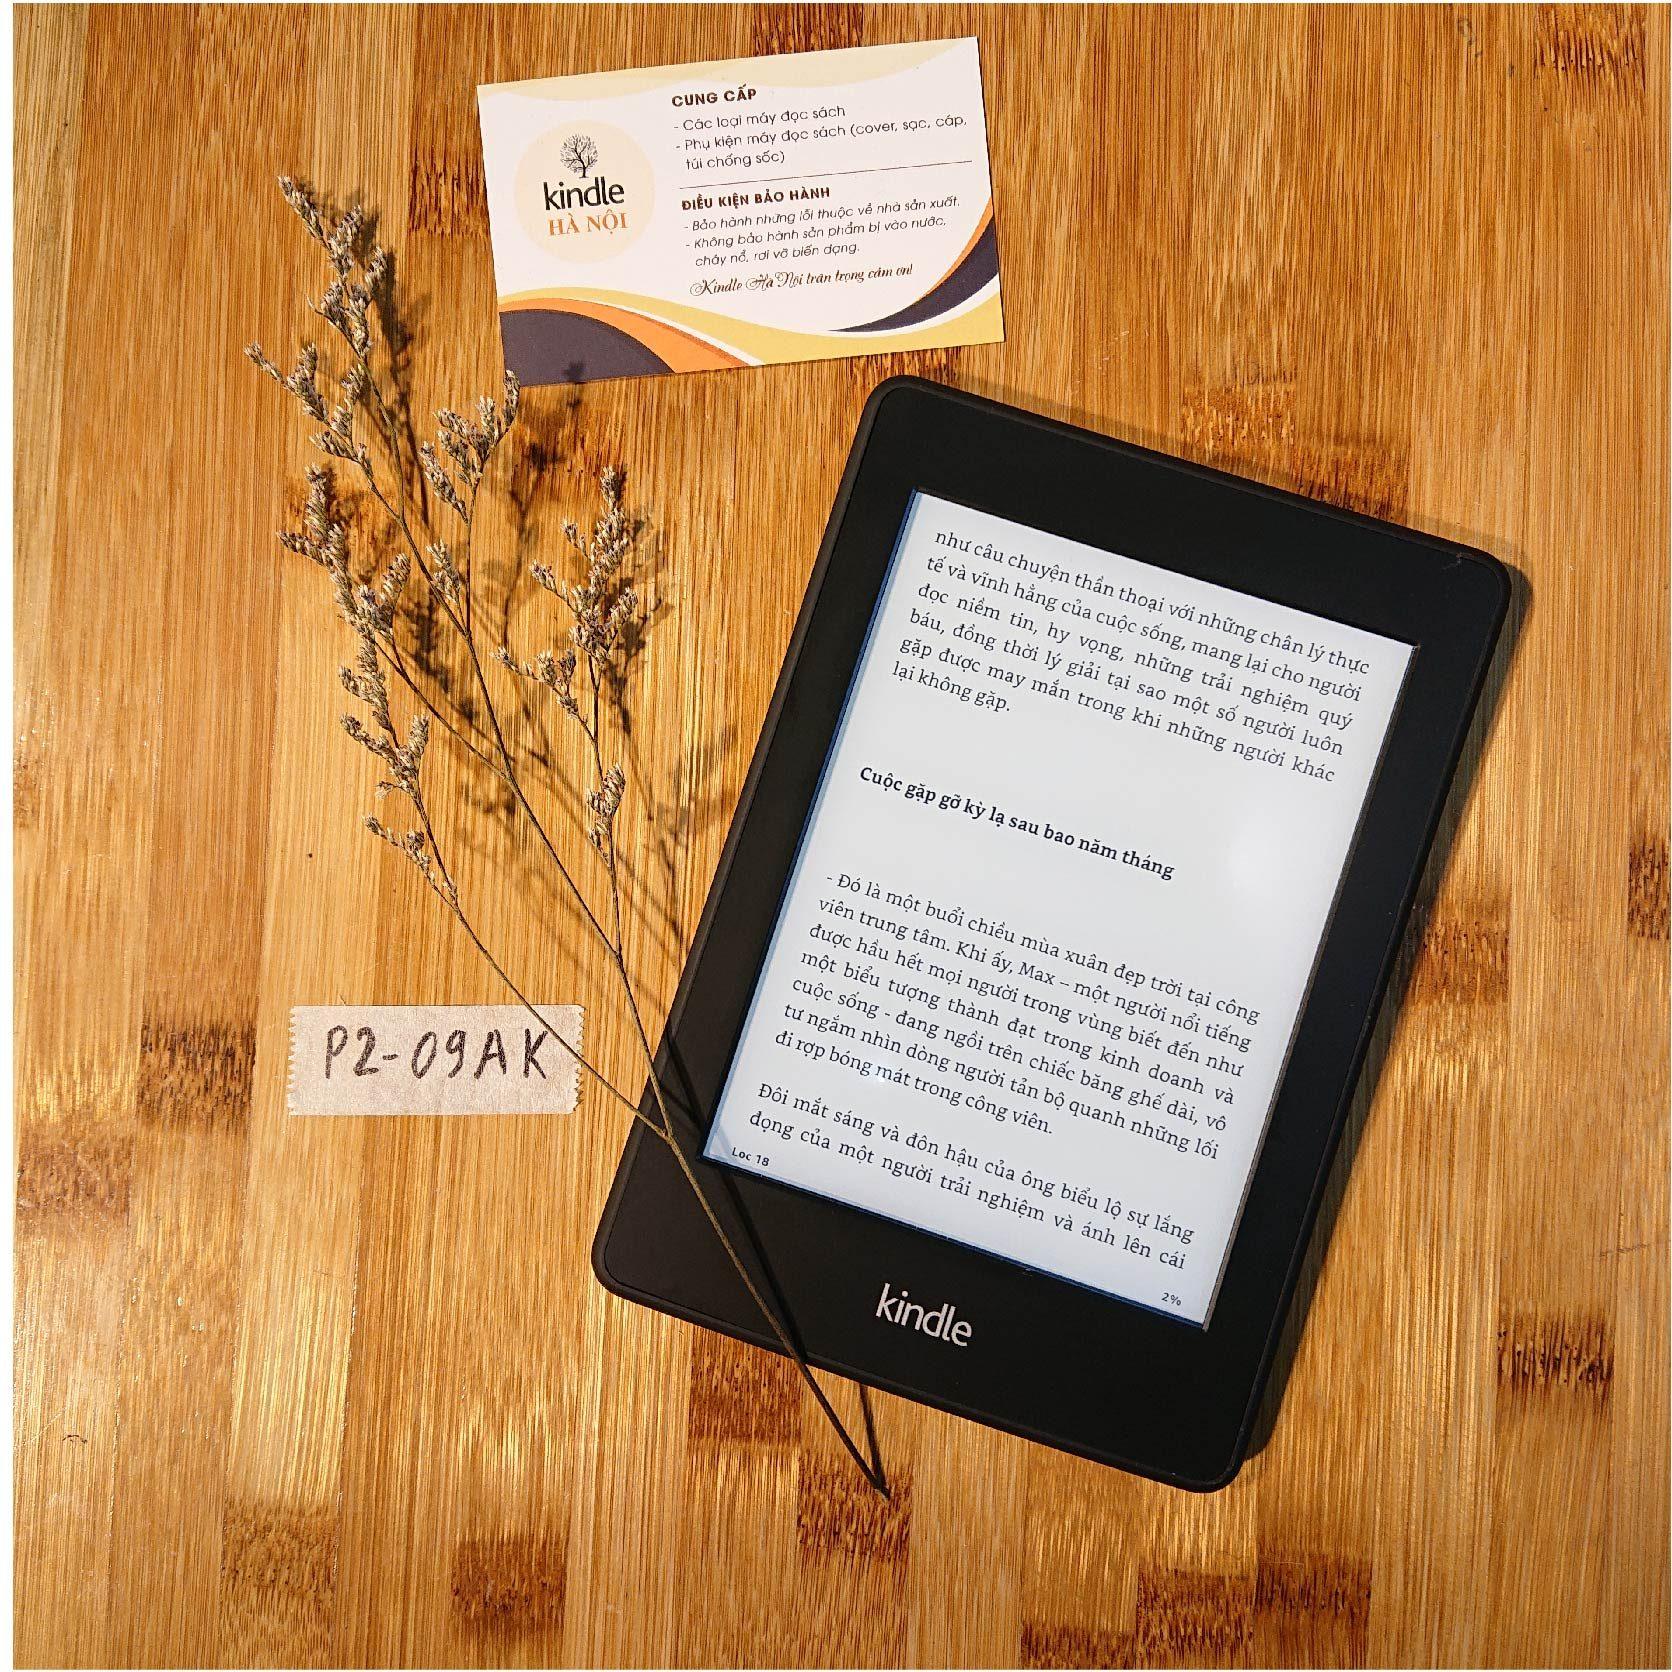 Kindle PPW gen 2 09AK kindlehanoivn-01